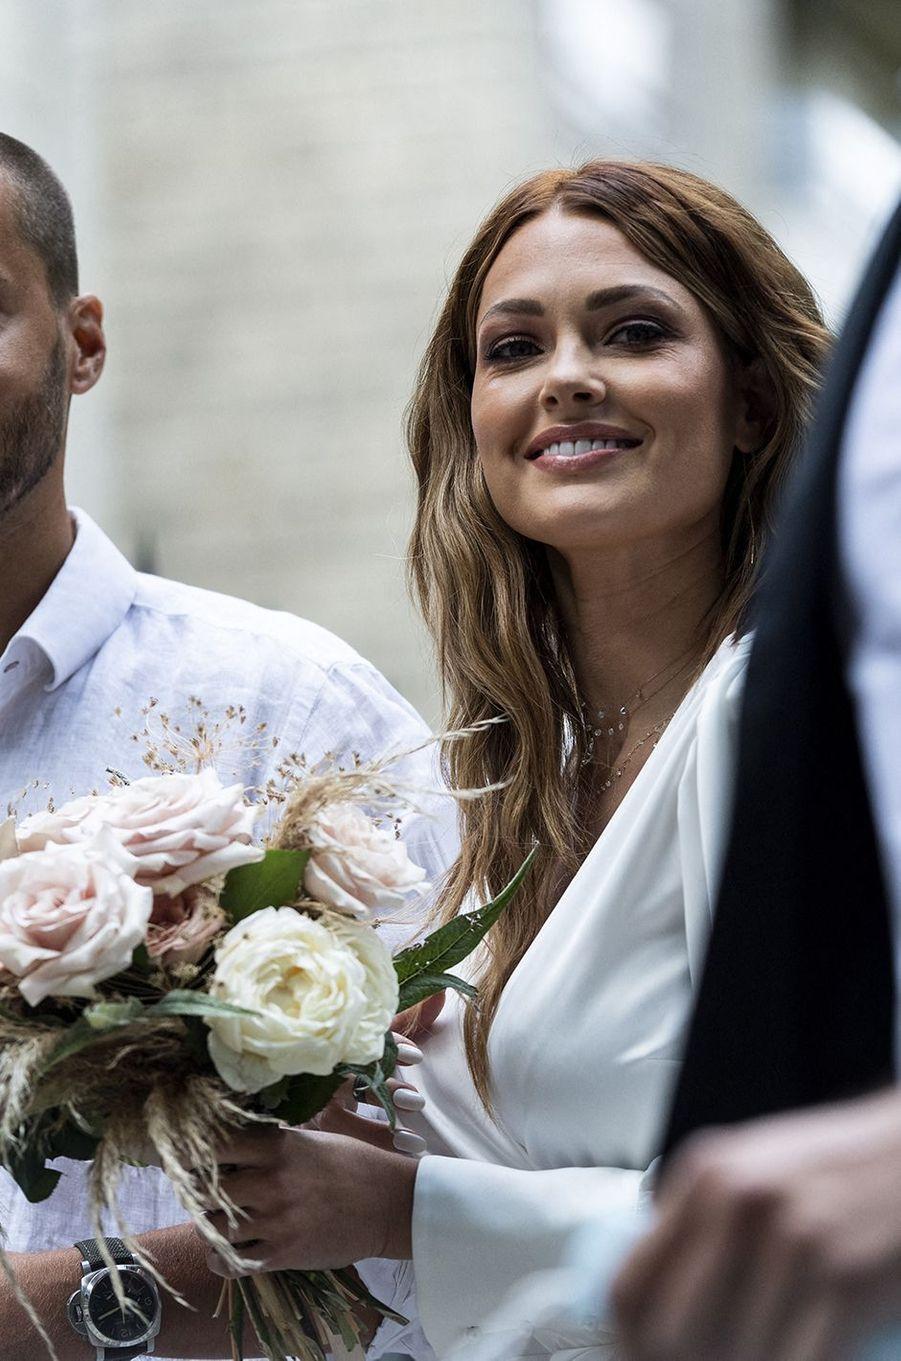 Caroline Receveur et un proche se rendent à la mairie du XVIe arrondissement de Paris le 11 juillet 2020